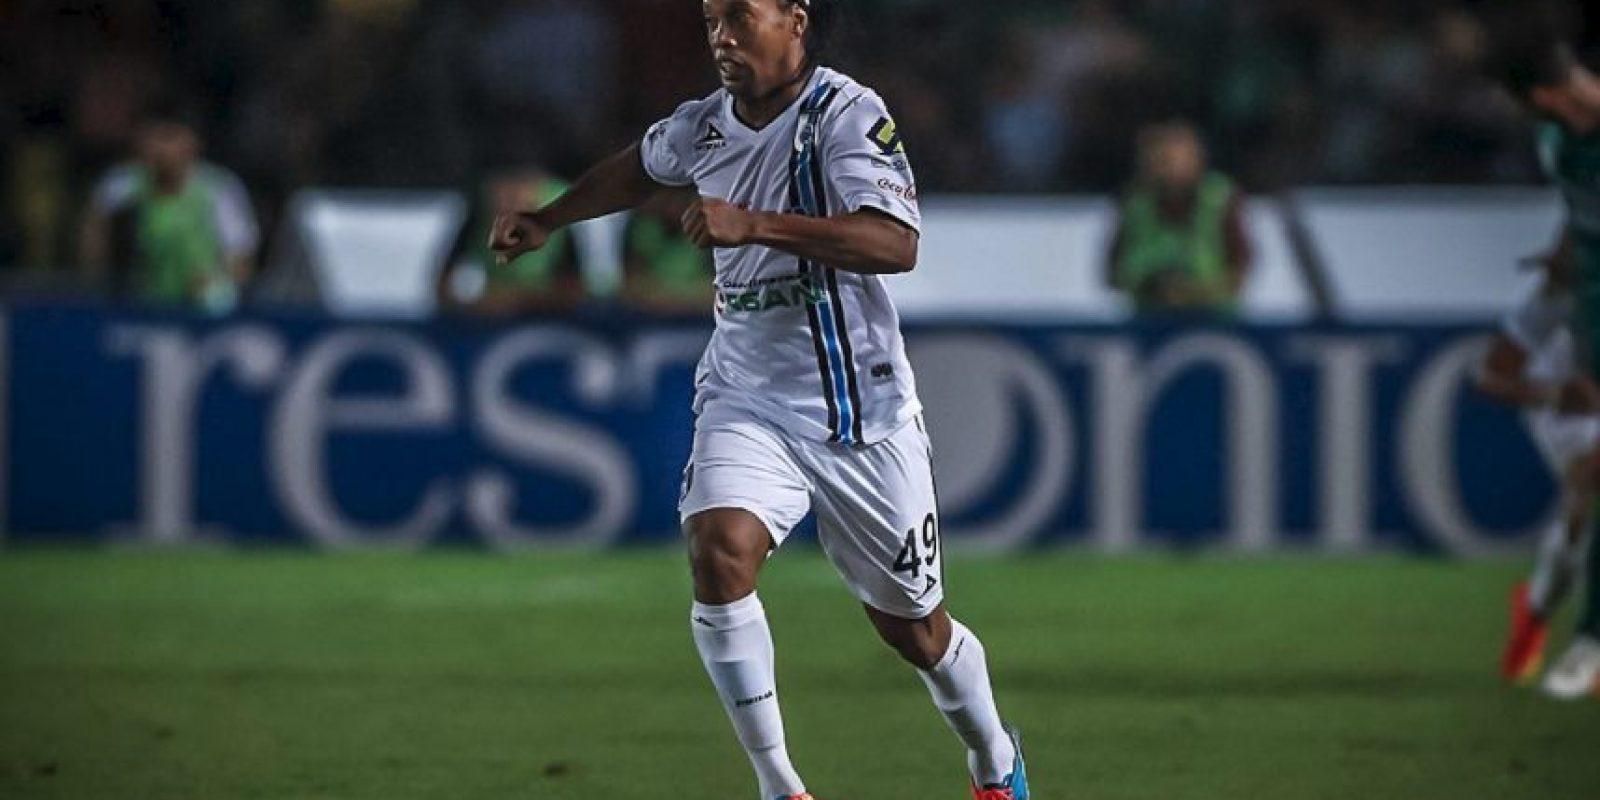 Luego del interés que generó Dinho en México Foto:Facebook: Ronaldinho Gaucho